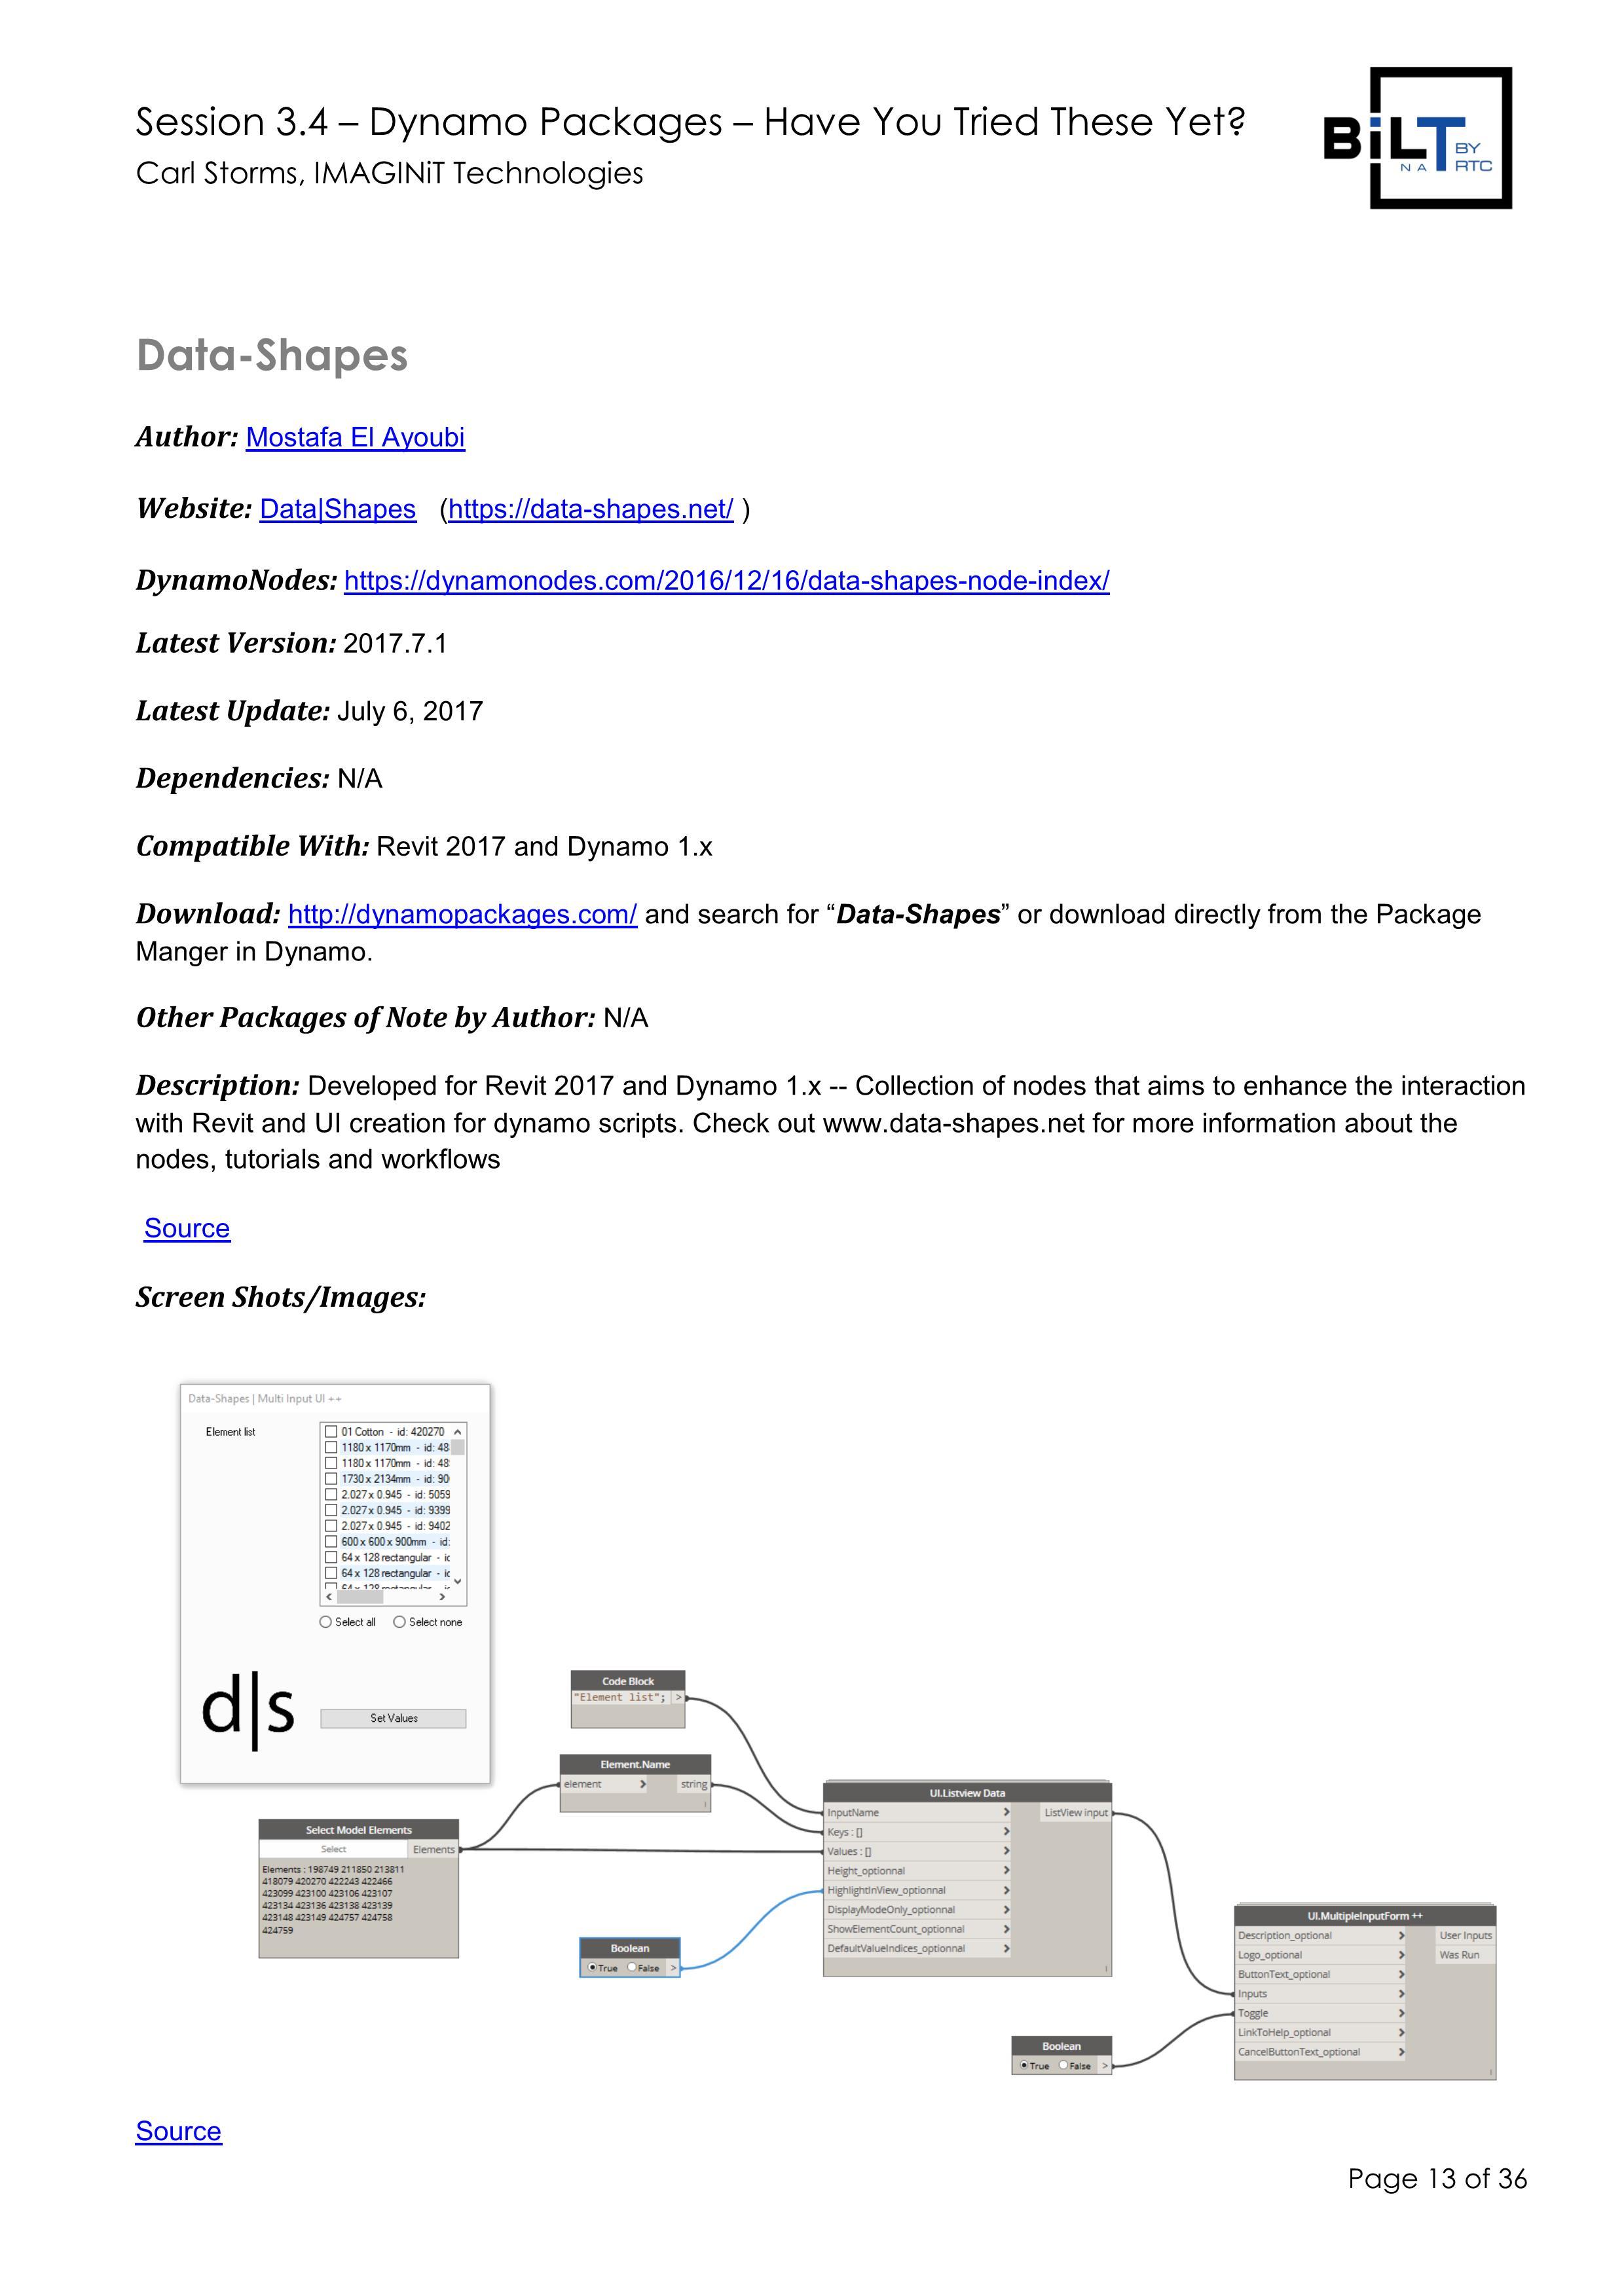 DynamoPackagesHaveYouTried Page 013.jpg